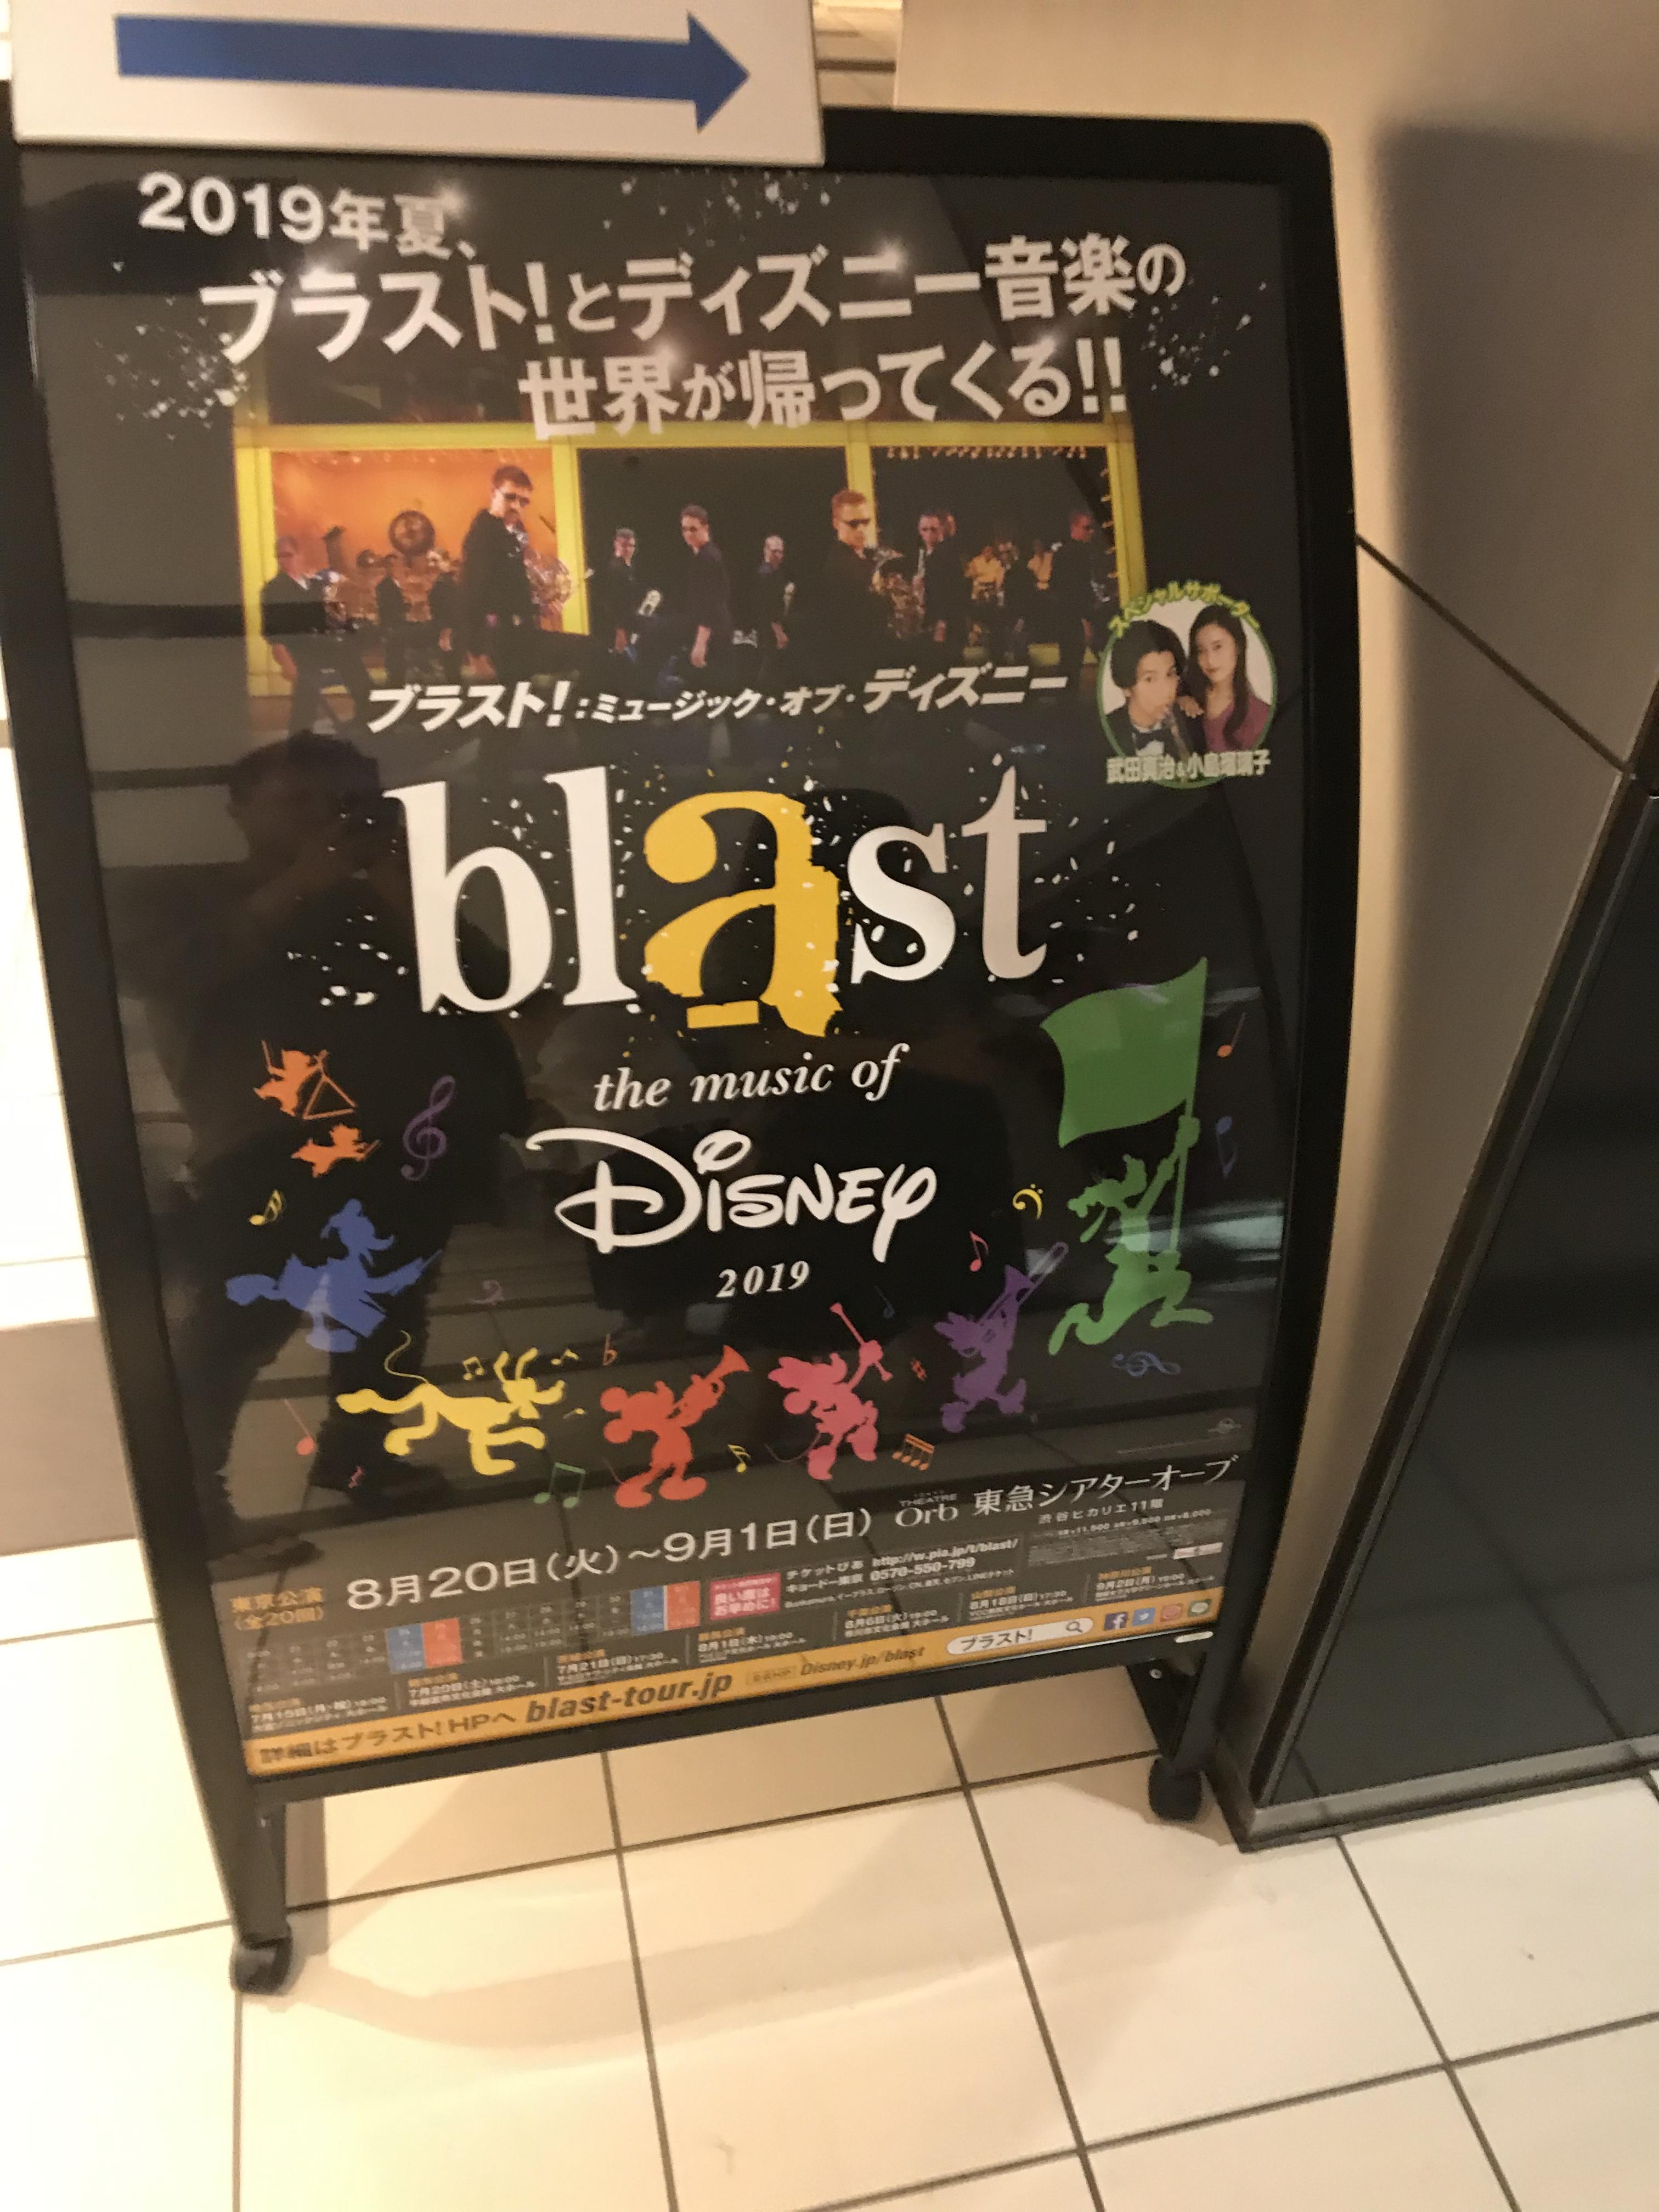 【2019】Blast! ミュージックオブディズニー 行ってきました。